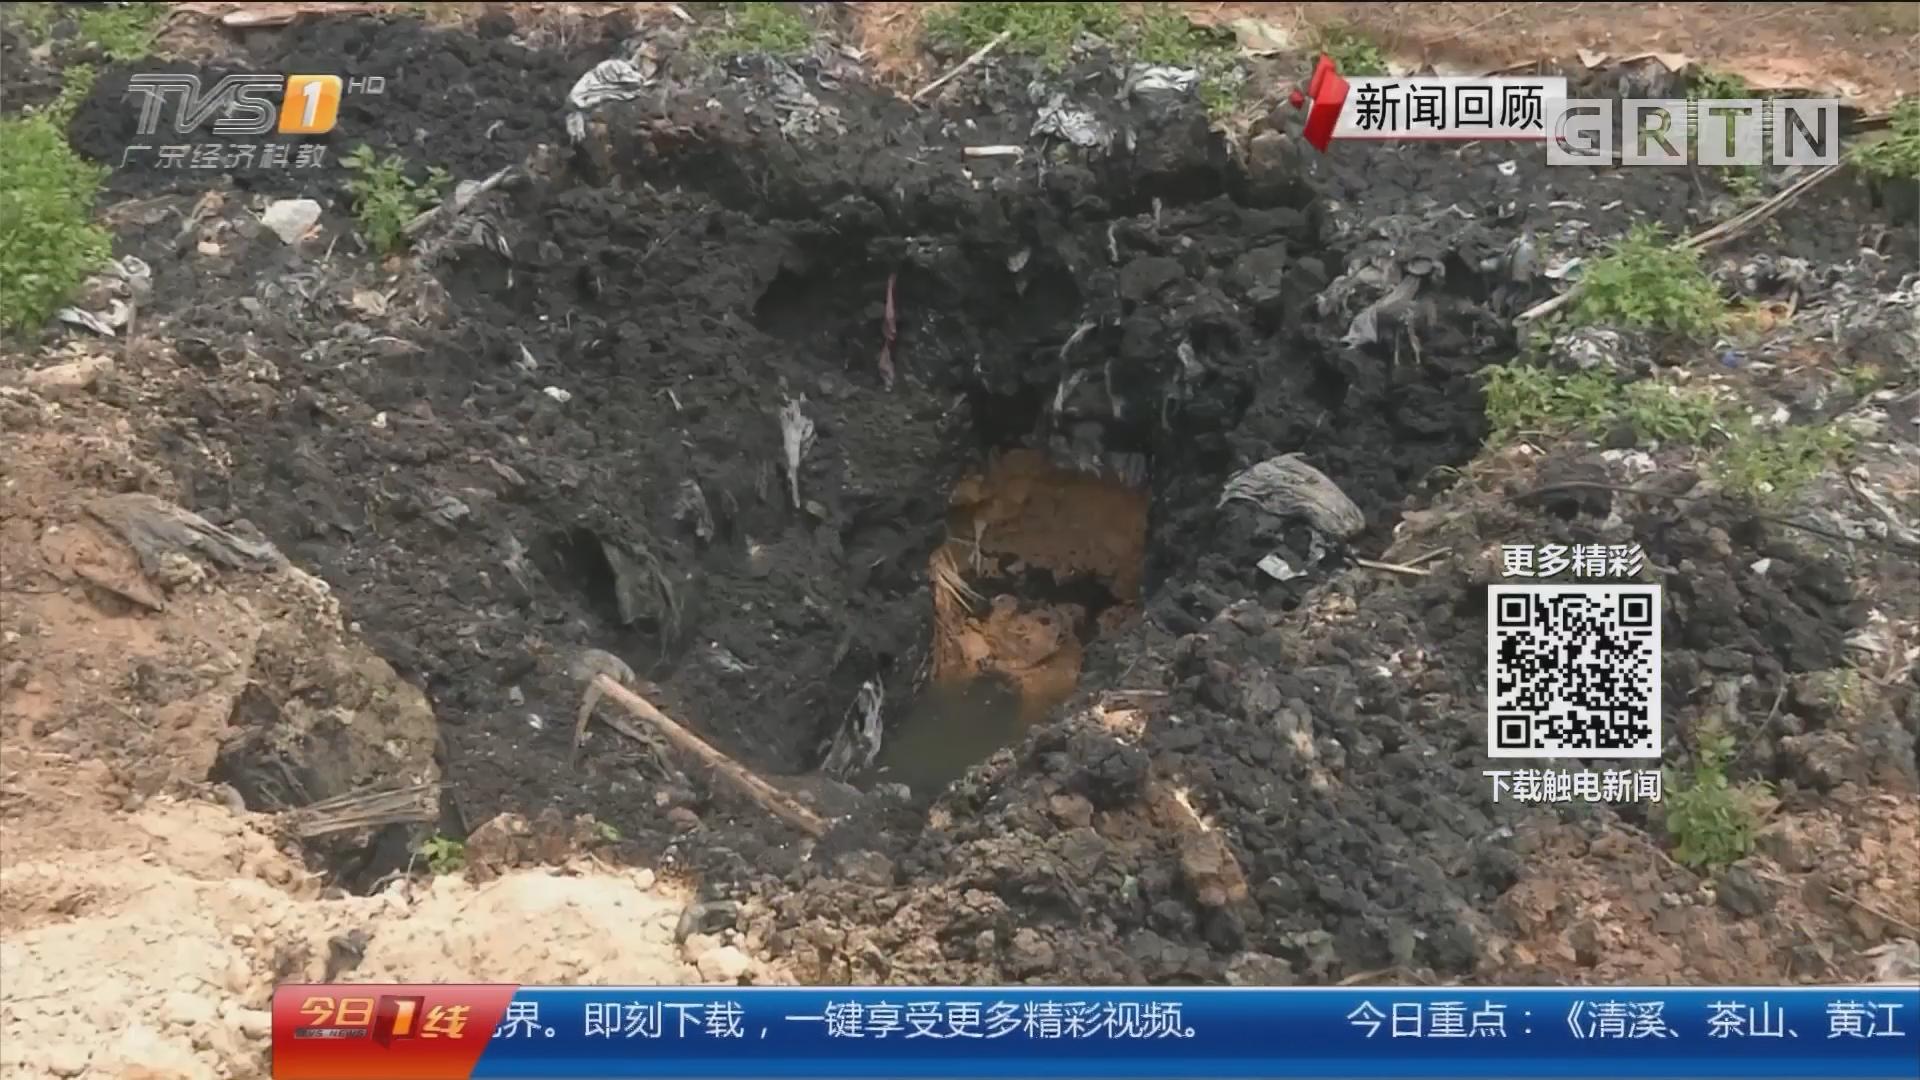 广州增城:菜地如蹦床 地下藏洗漂废弃物